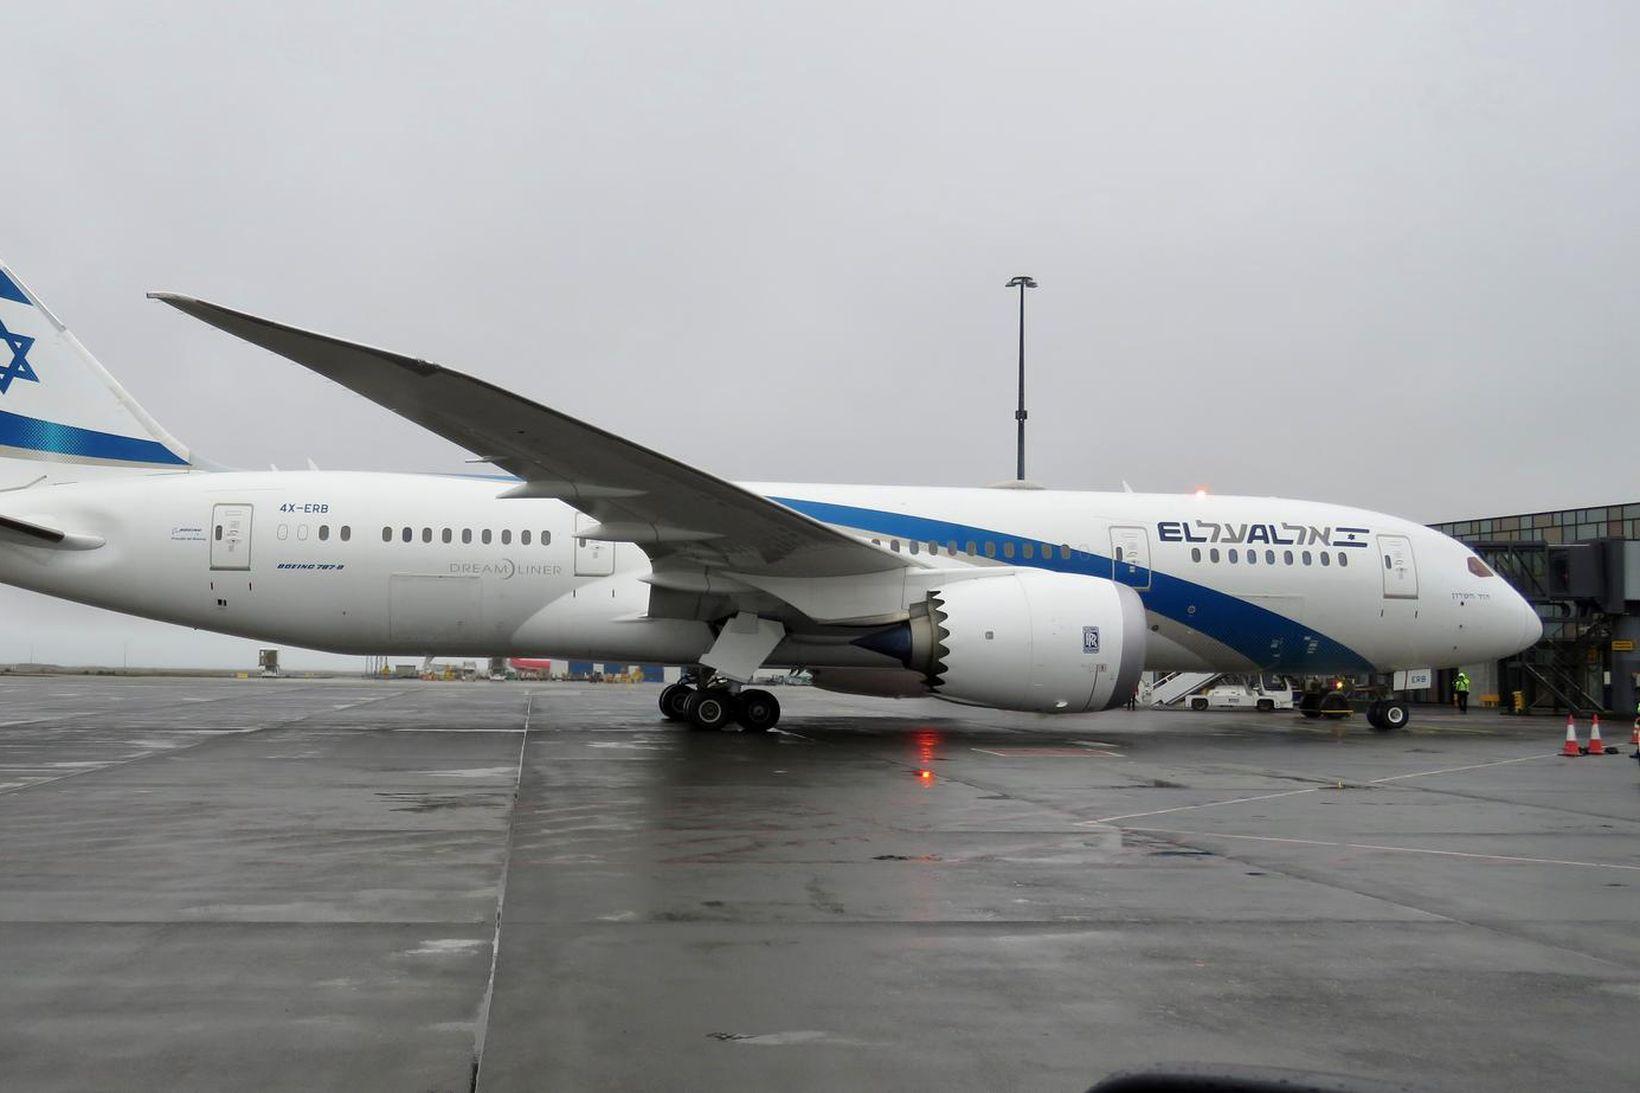 Flugvél félagsins El Al er af Boeing 787 Dreamliner gerð.